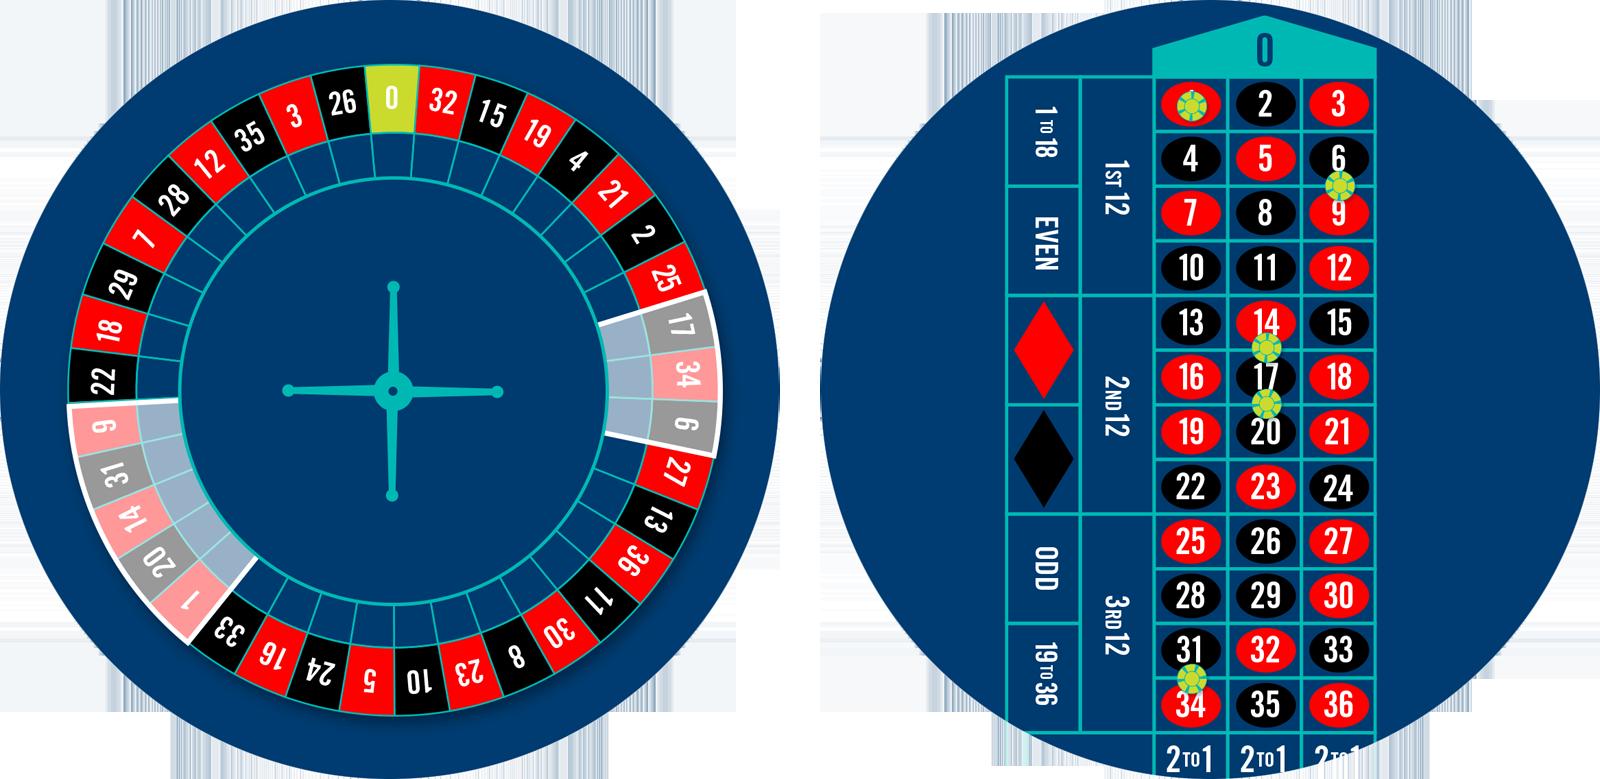 Une roue de Roulette dont les mises Orphelins sont en surbrillance et une table de Roulette comprenant 5 jetons placés sur les mises Orphelins.